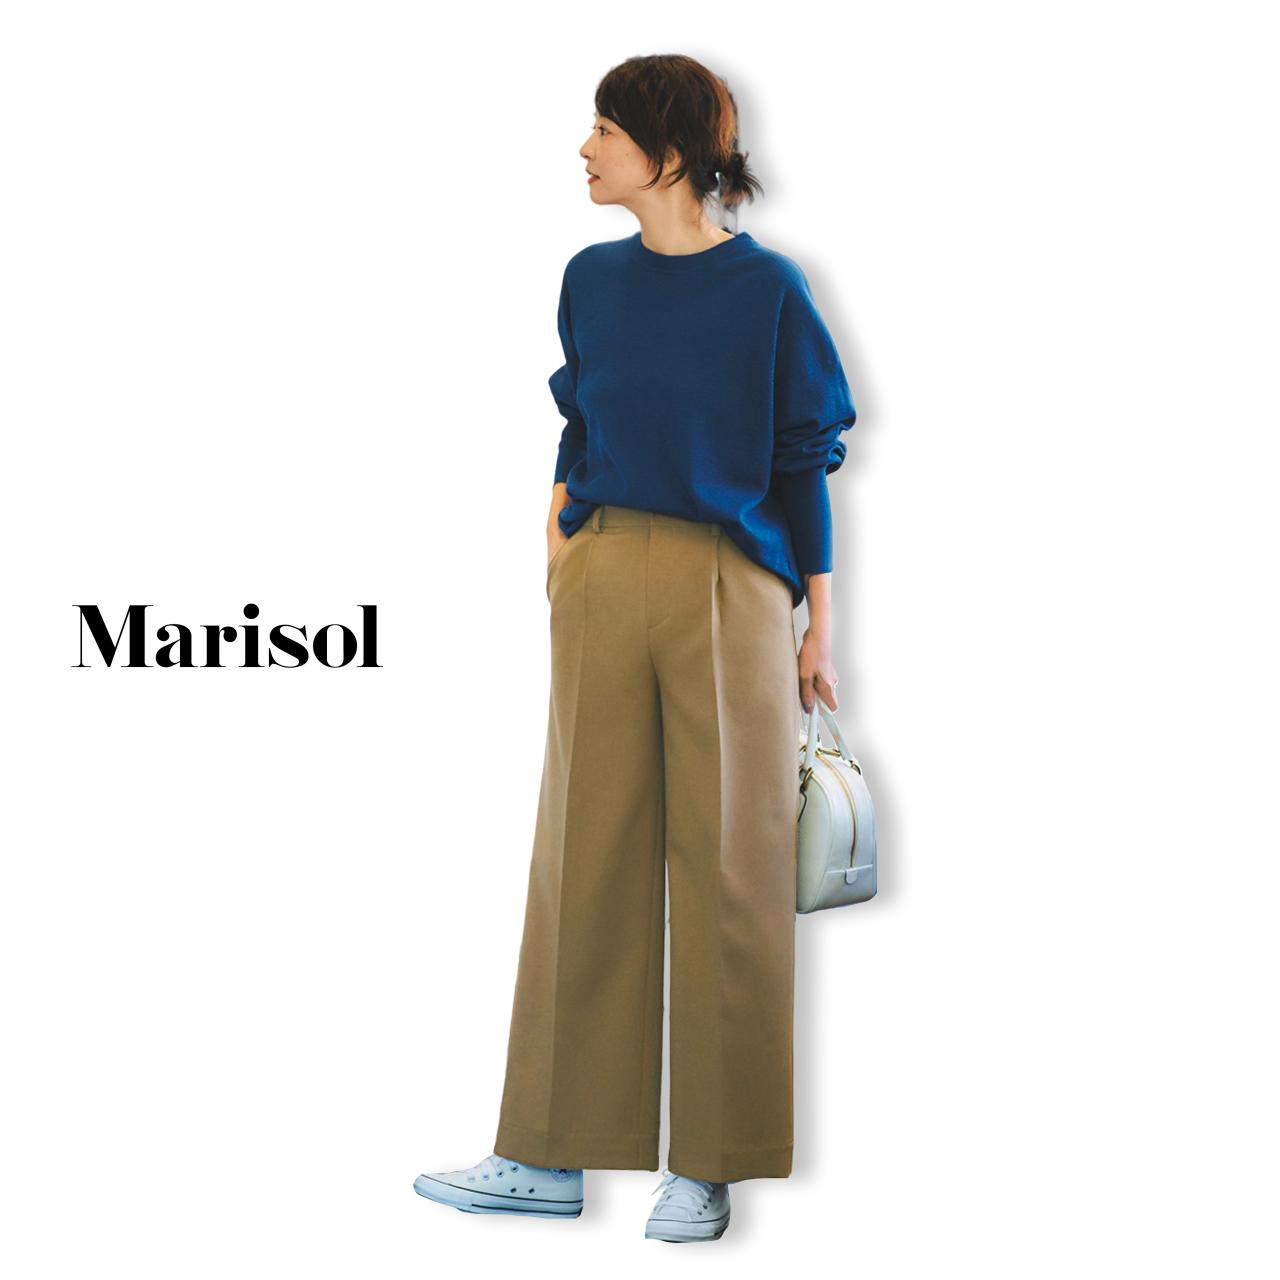 40代ファッション ブルースウェット×ワイドチノパンツコーデ